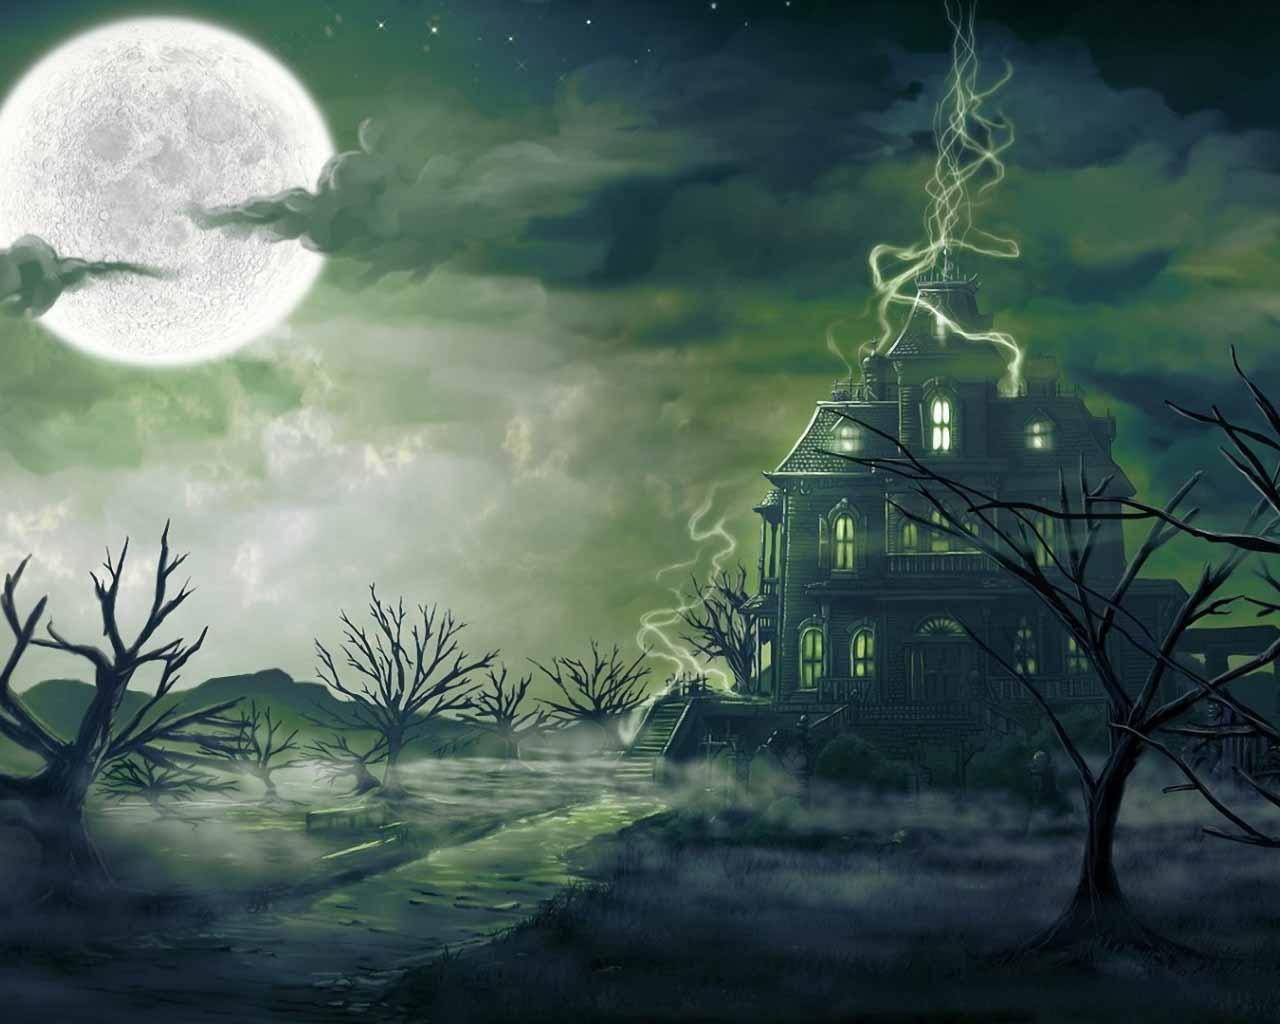 Haunted House HD Wallpapers C a r W a l l p a p e r 2014 1280x1024